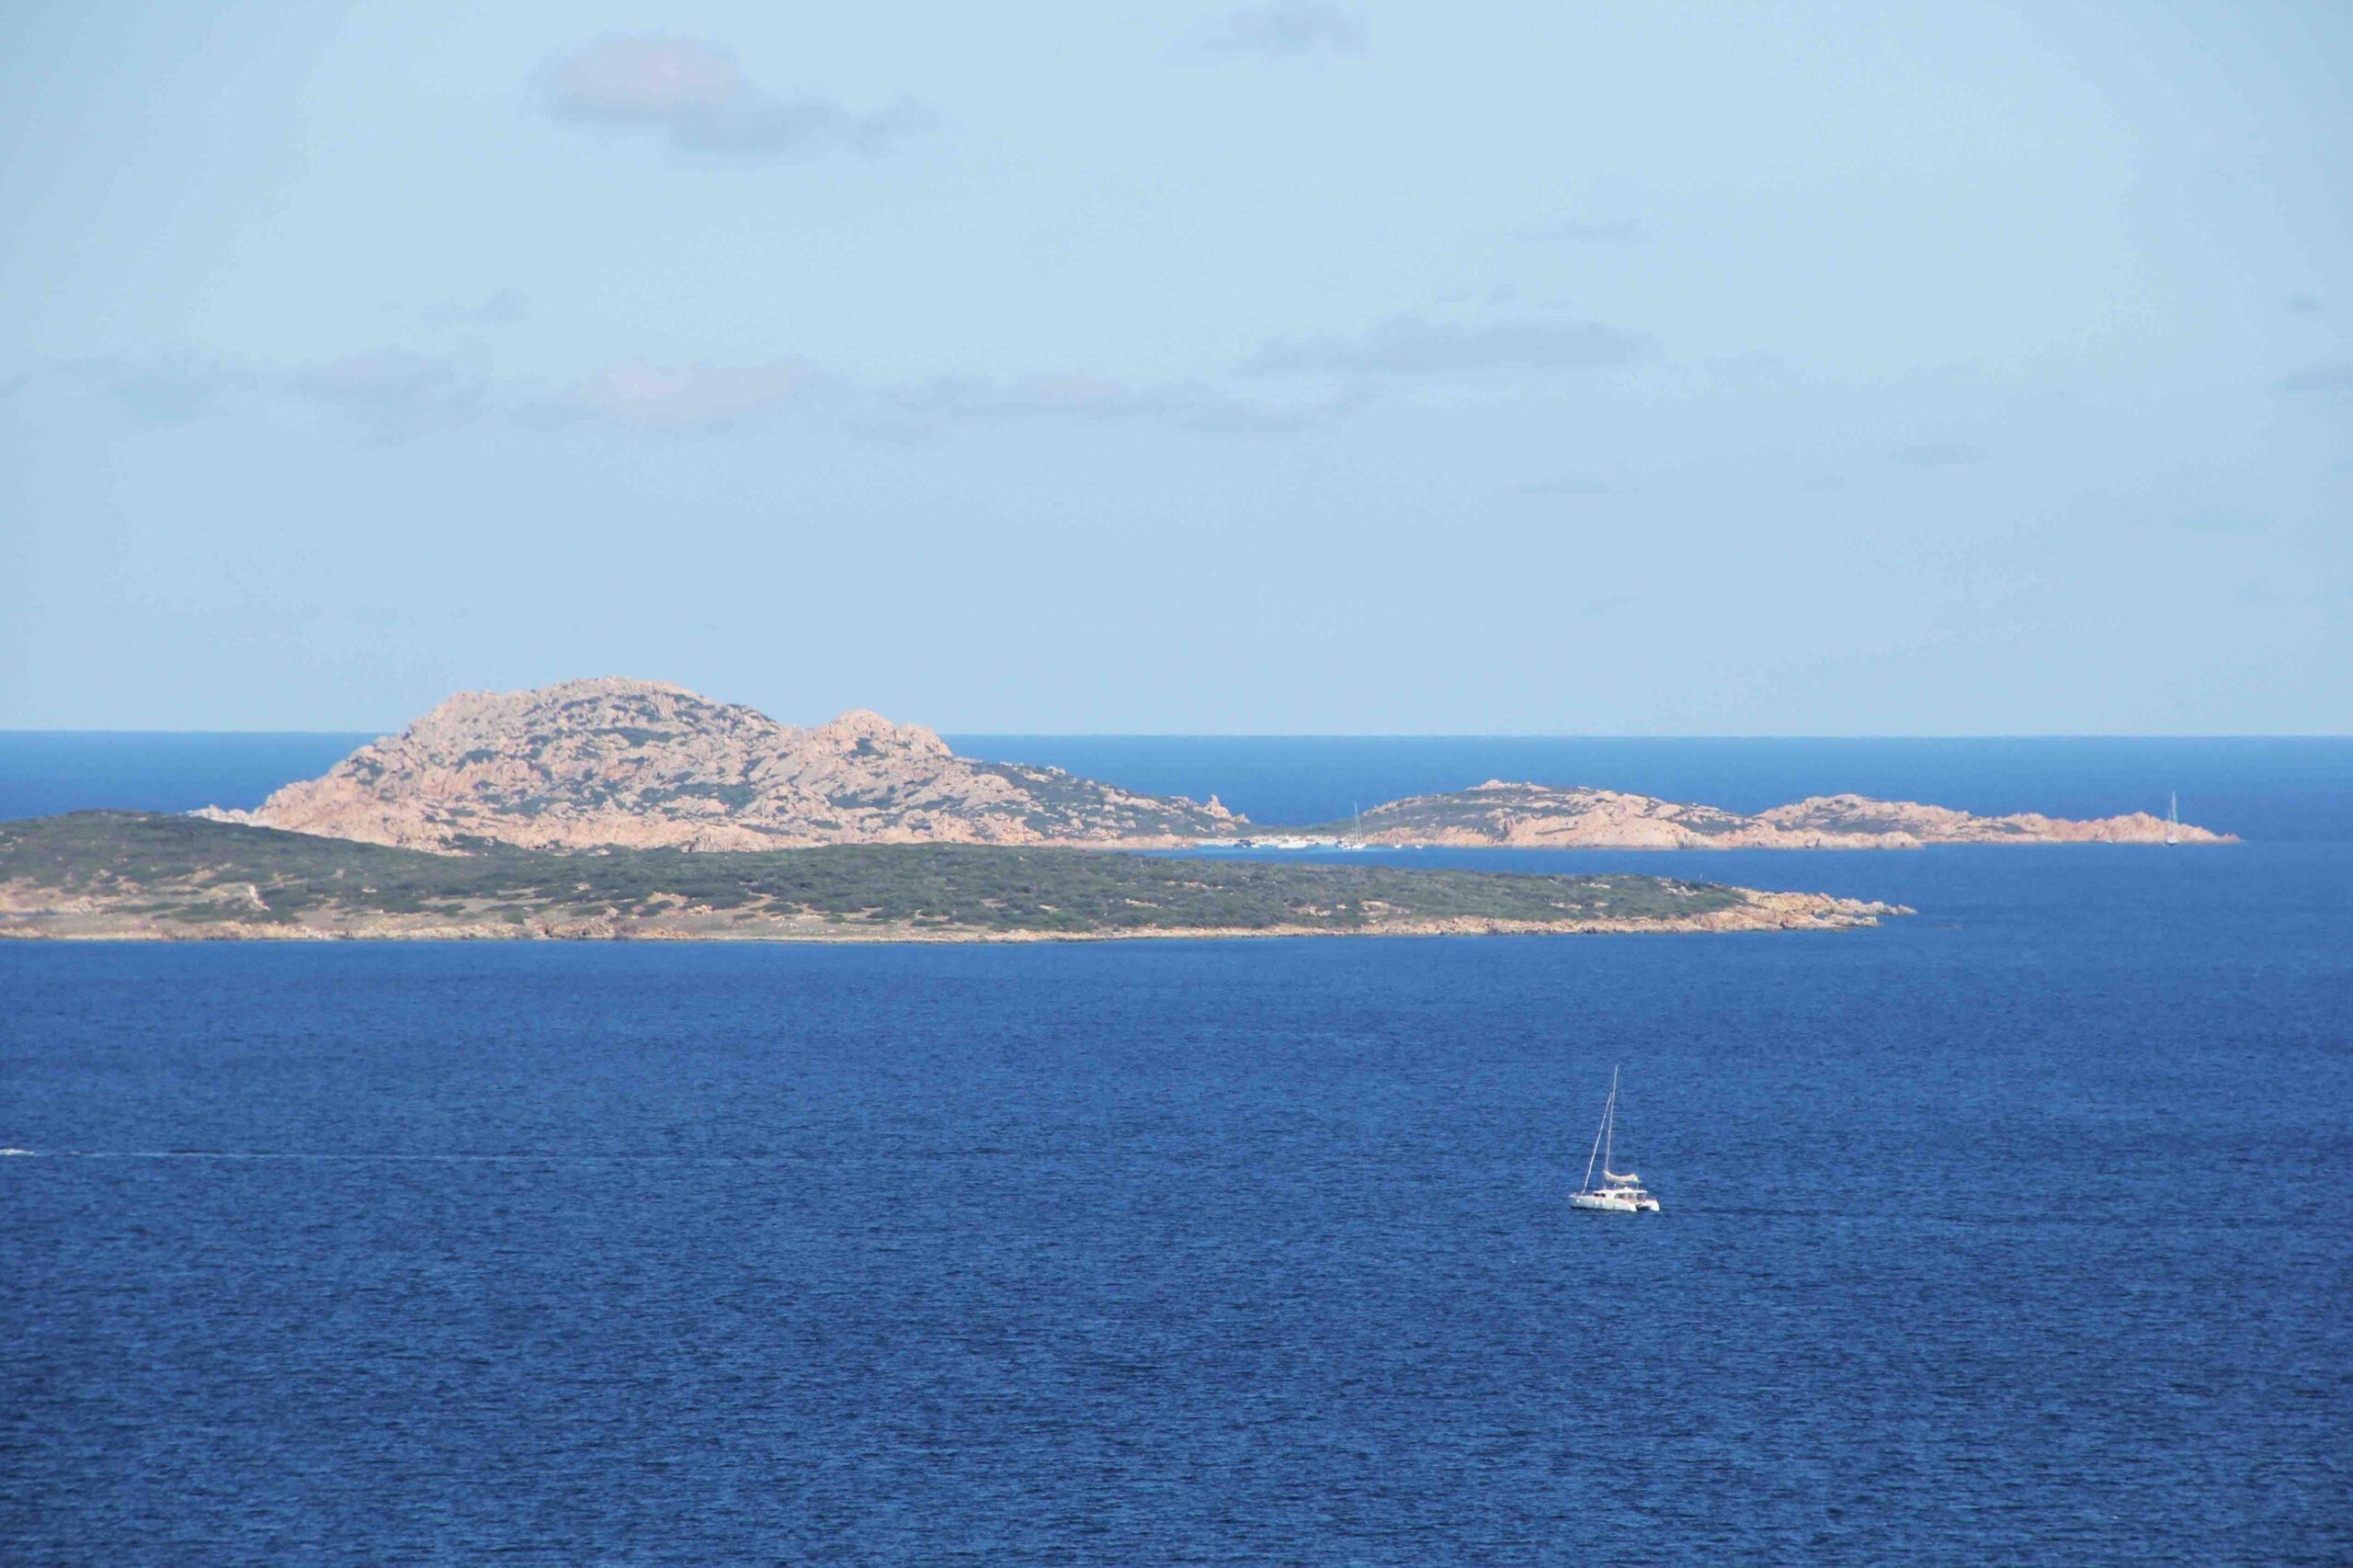 isola di mortorio maddalena